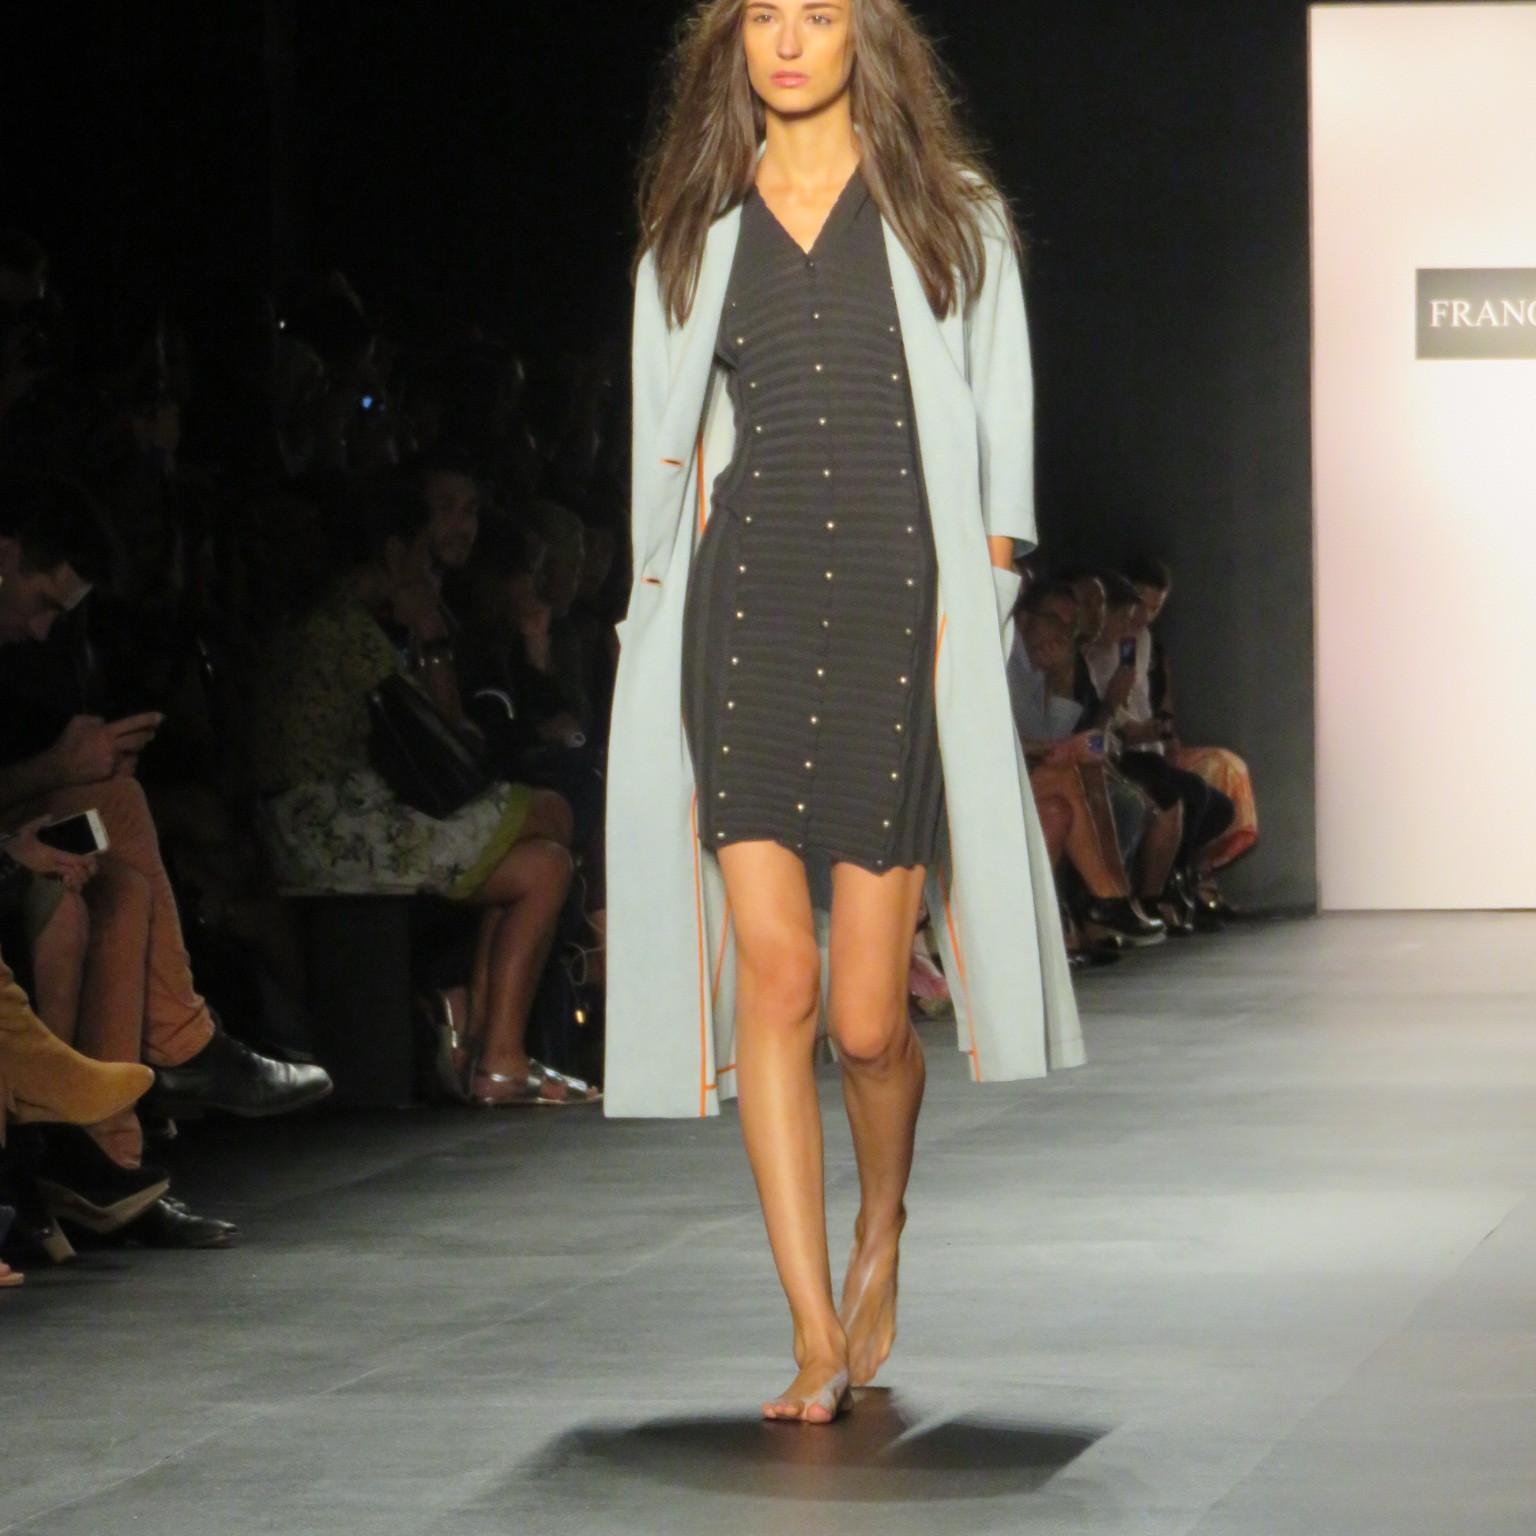 francesca_liberatore_blue_dress